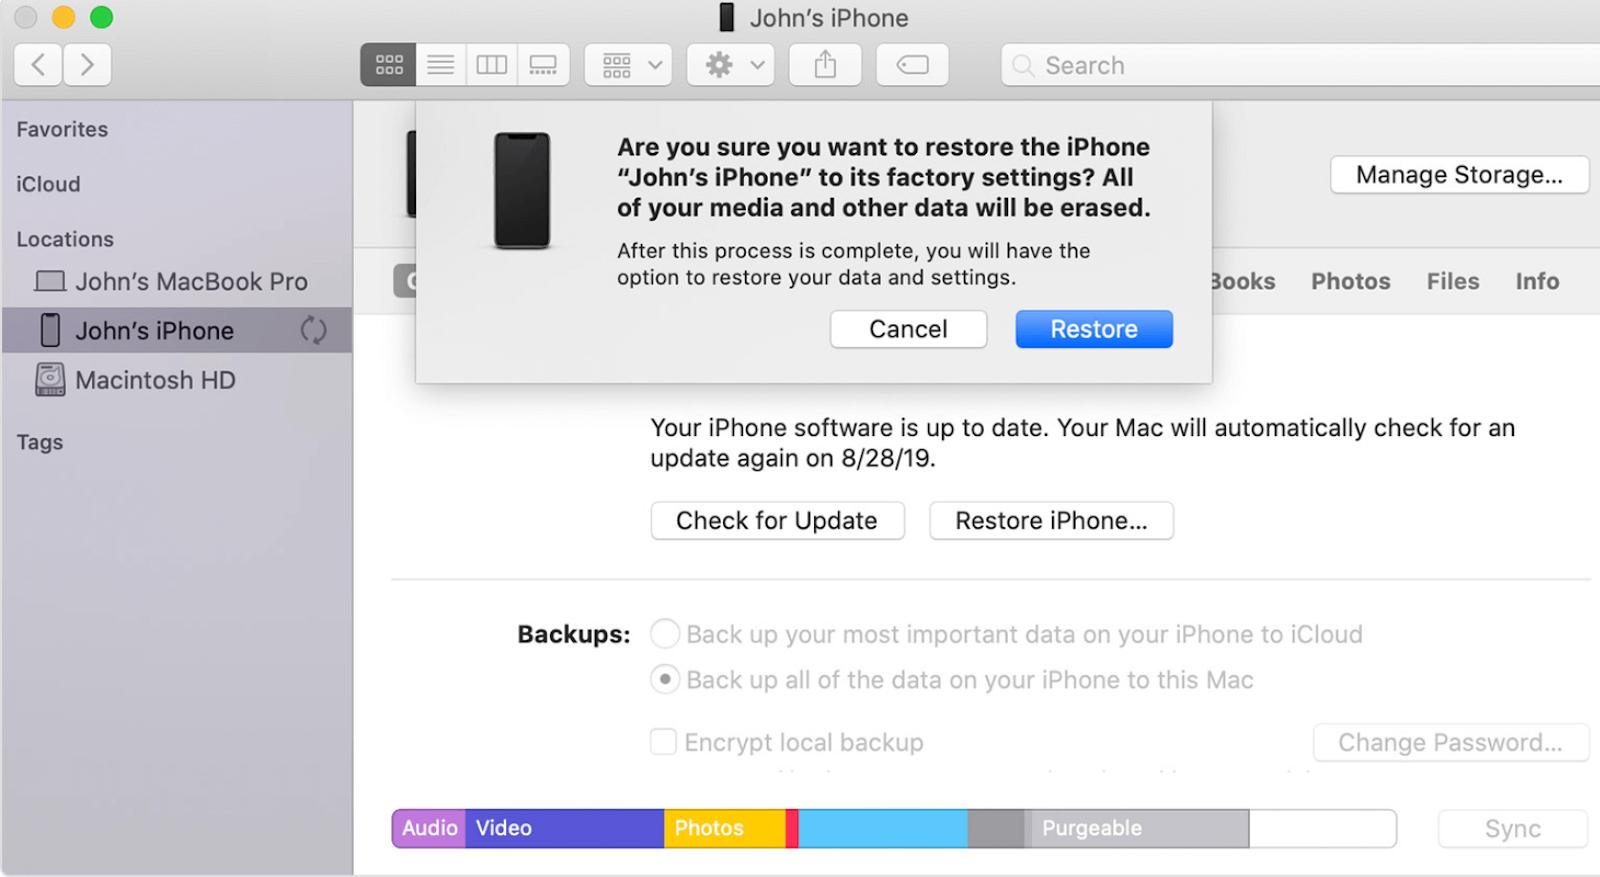 iPhone bị đơ chữ ơ kéo dài: nguyên nhân và cách khắc phục nhanh 9